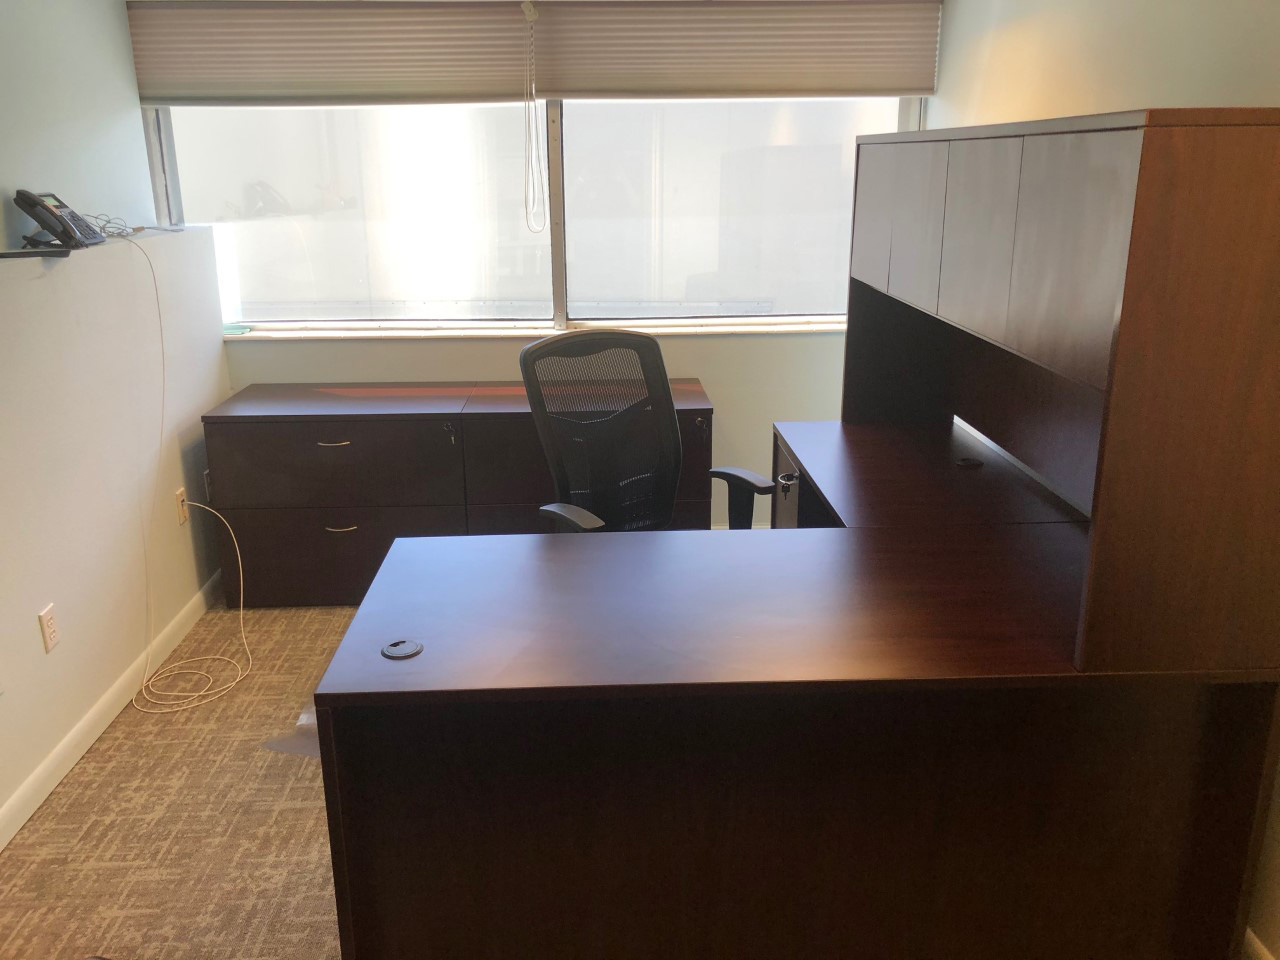 business-furniture-supplier-in-bradenton-florida-5-4-.jpg